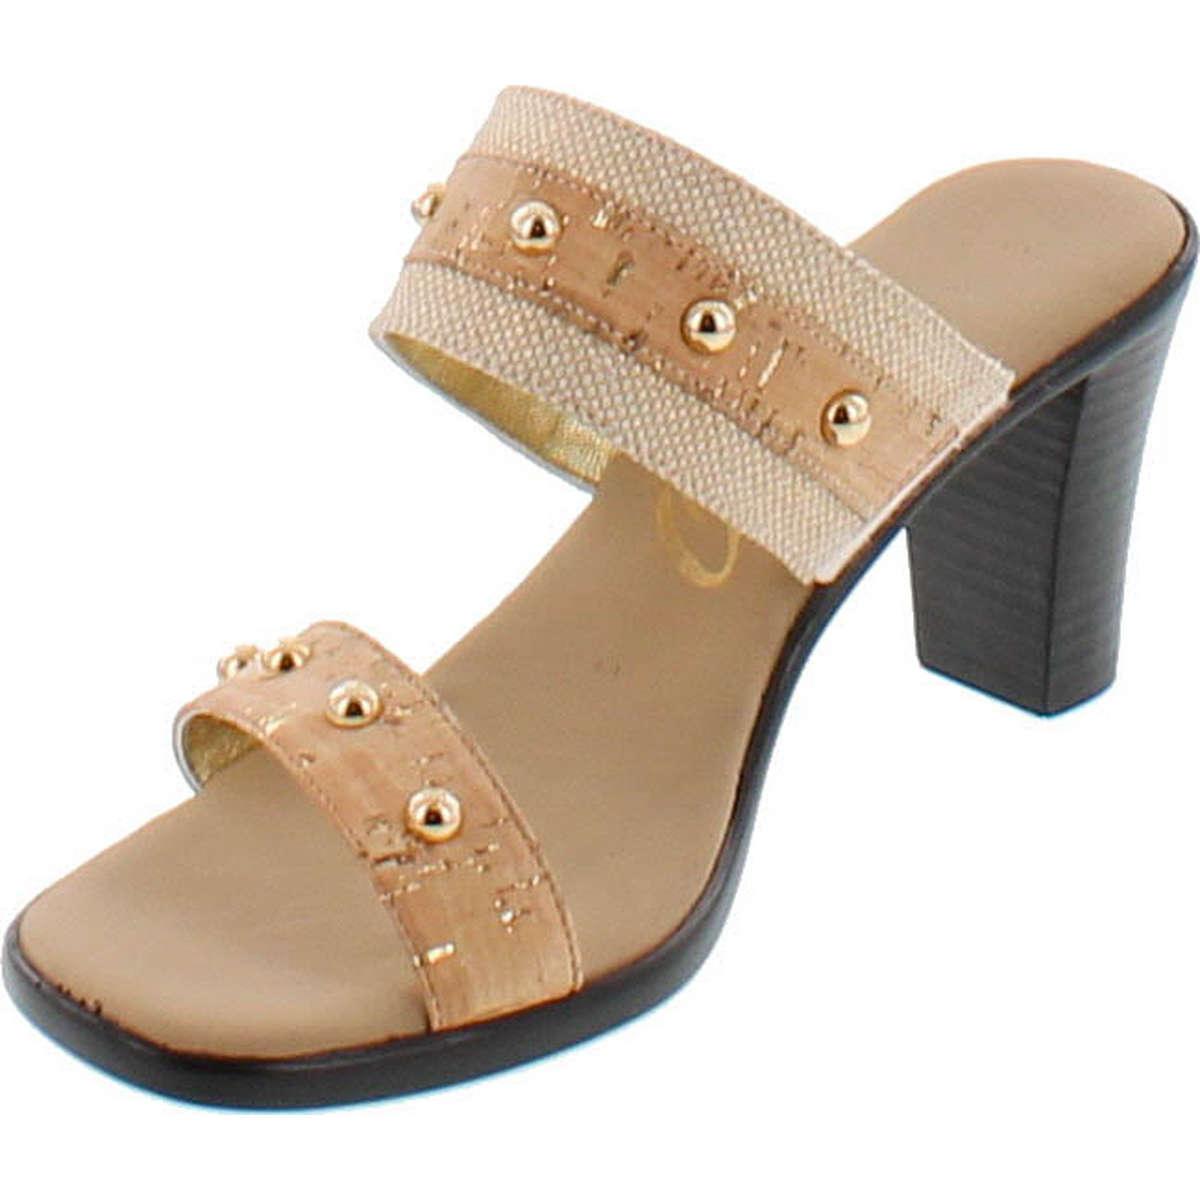 Onex Women's Penelope Dress Sandal Sandal Sandal 30d762